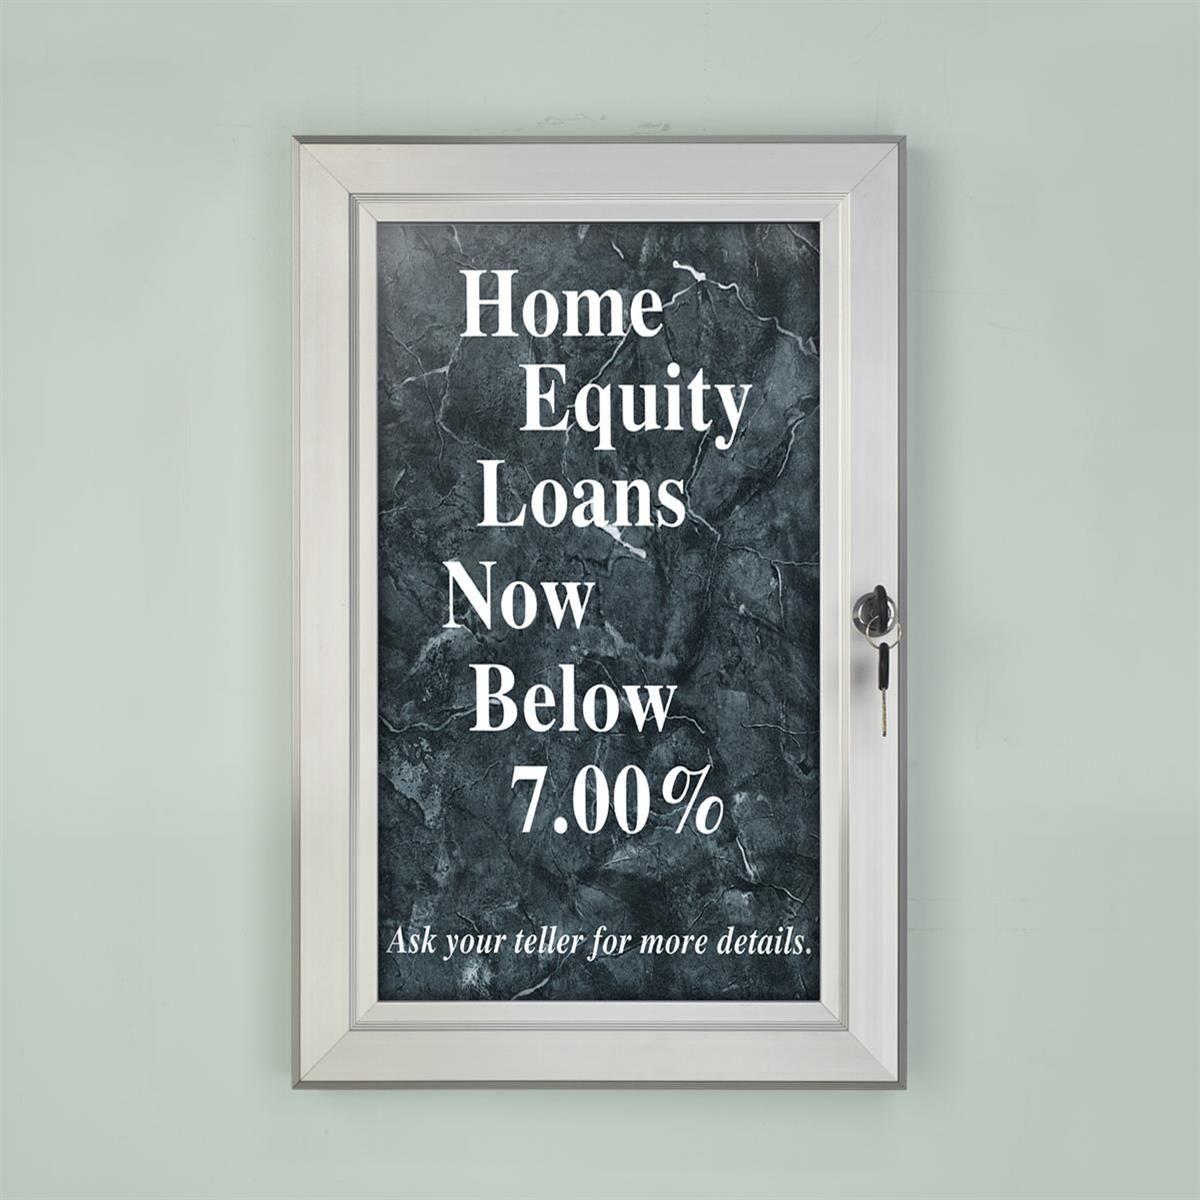 11 X 17 Outdoor Poster Frame For Wall Swing Door With Gasket Silver Poster Frame Poster Case Wall Signs